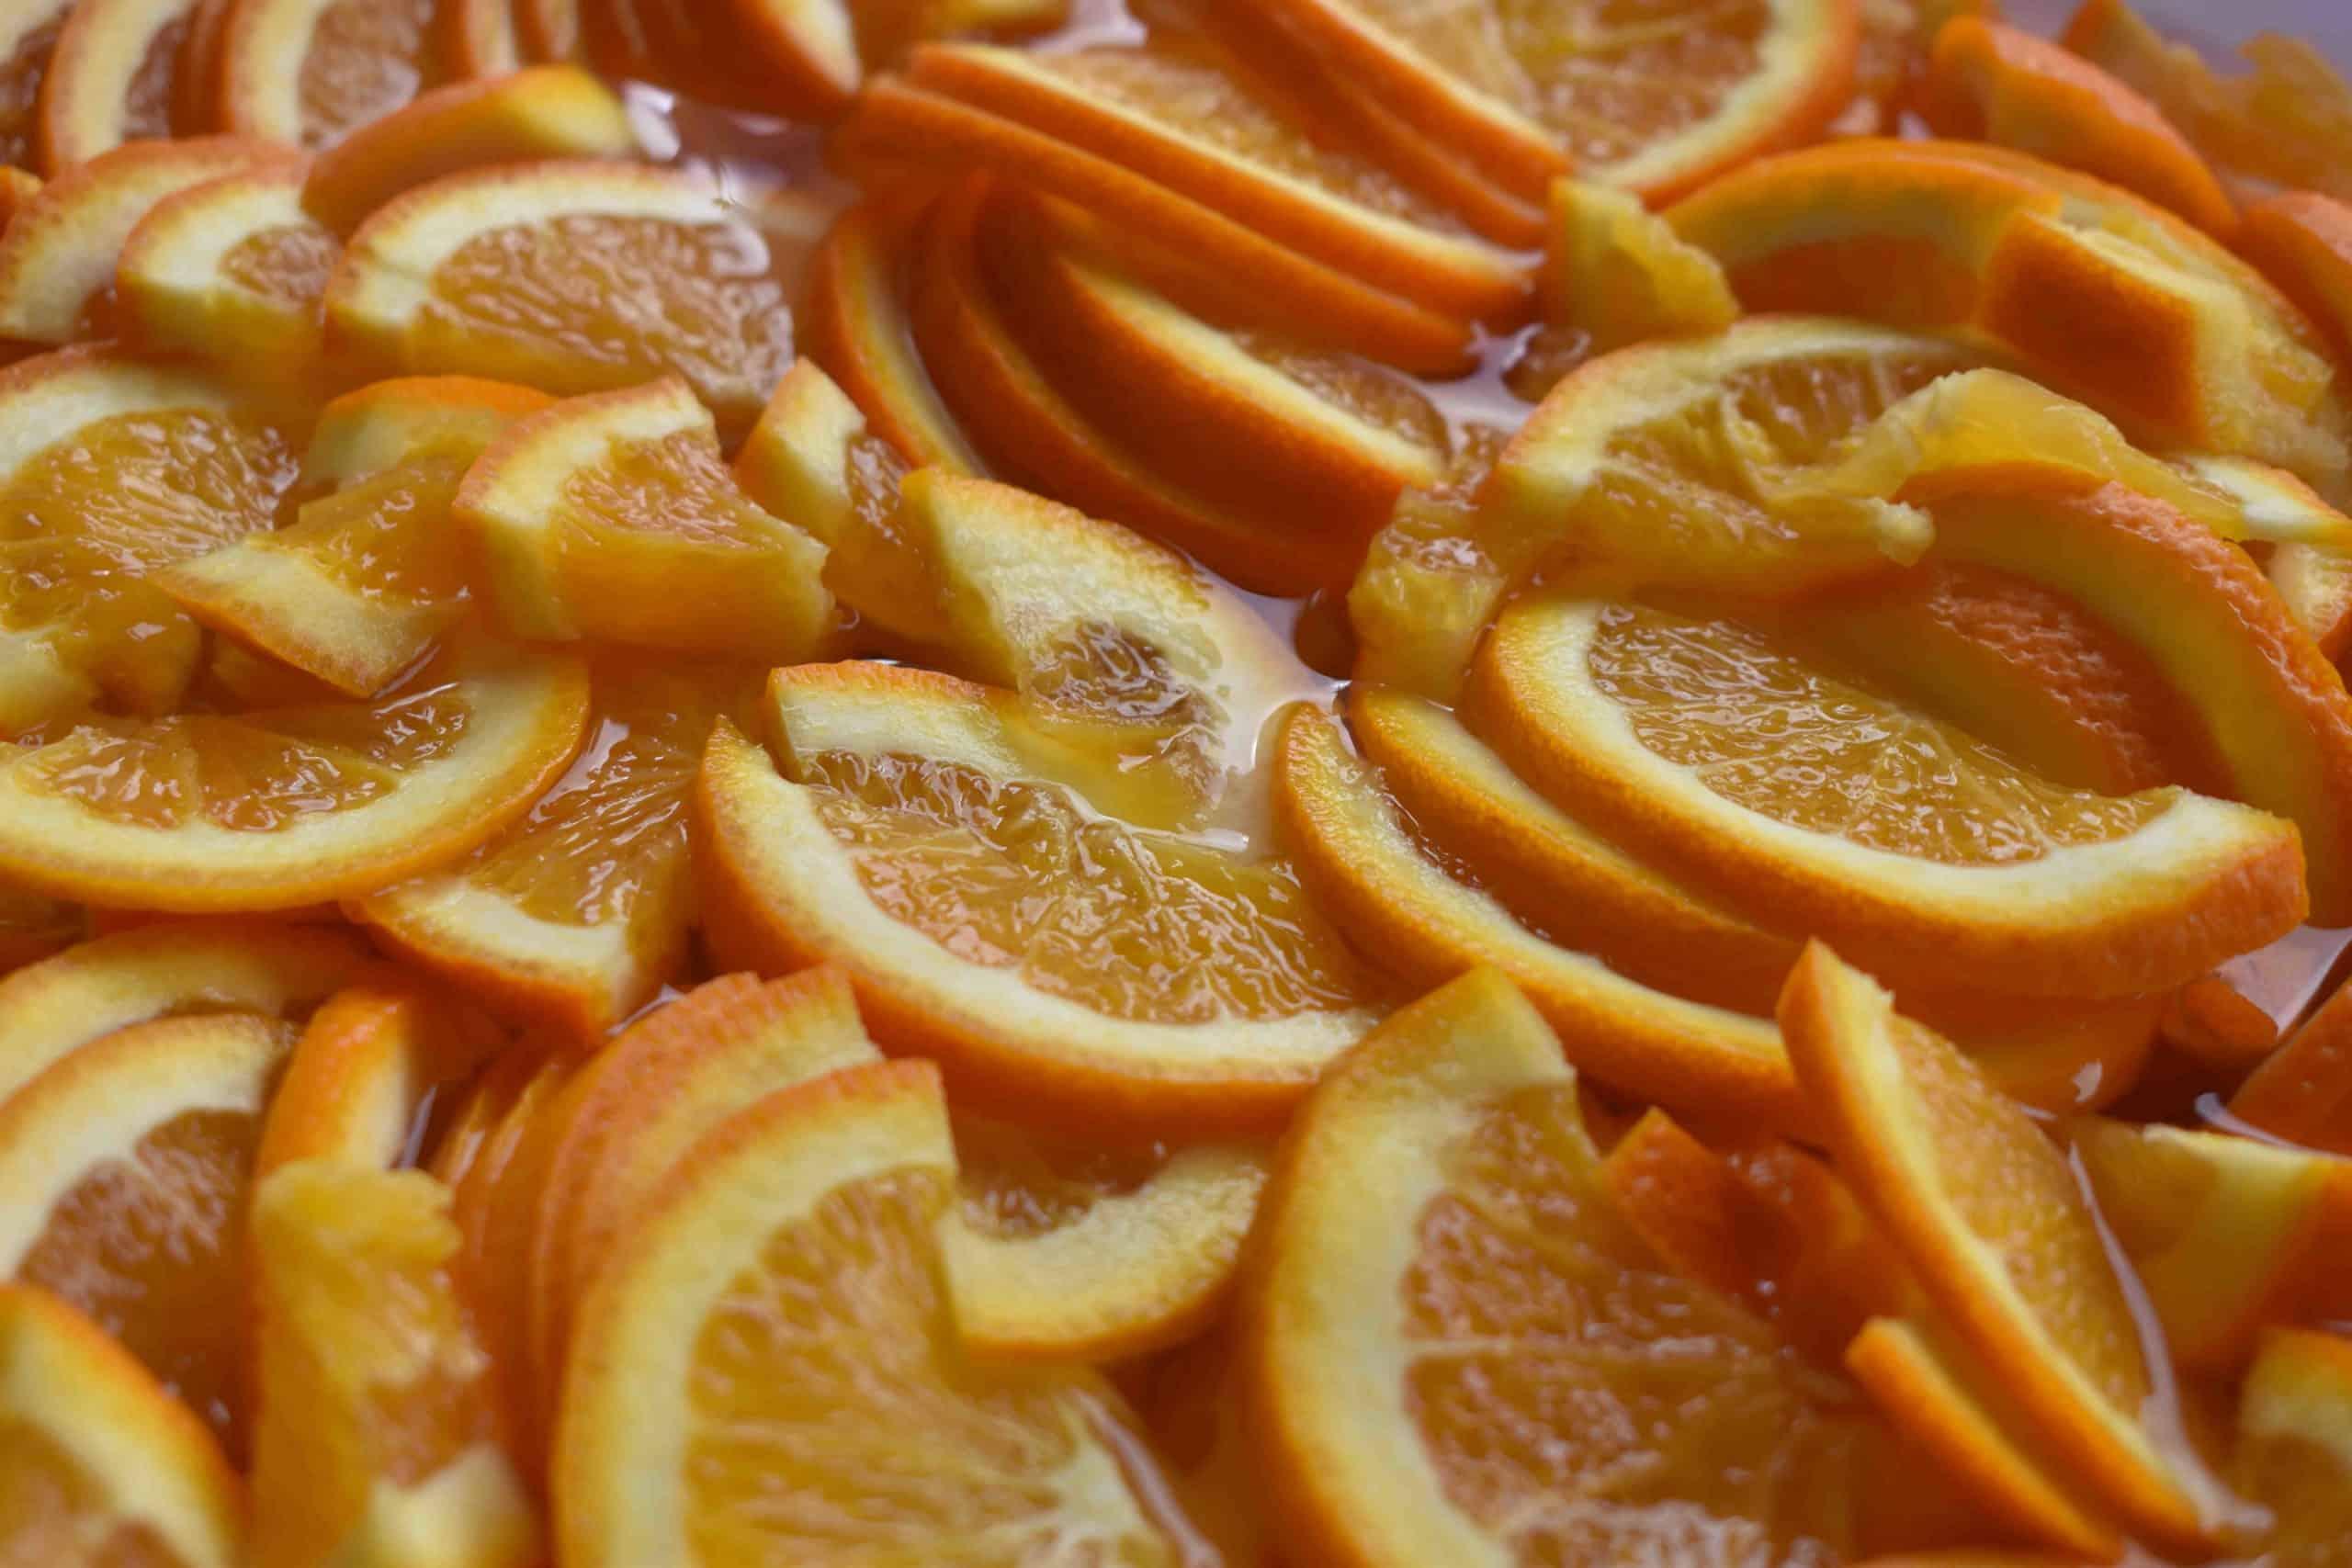 Comment enlever l'amertume de la confiture d'orange?